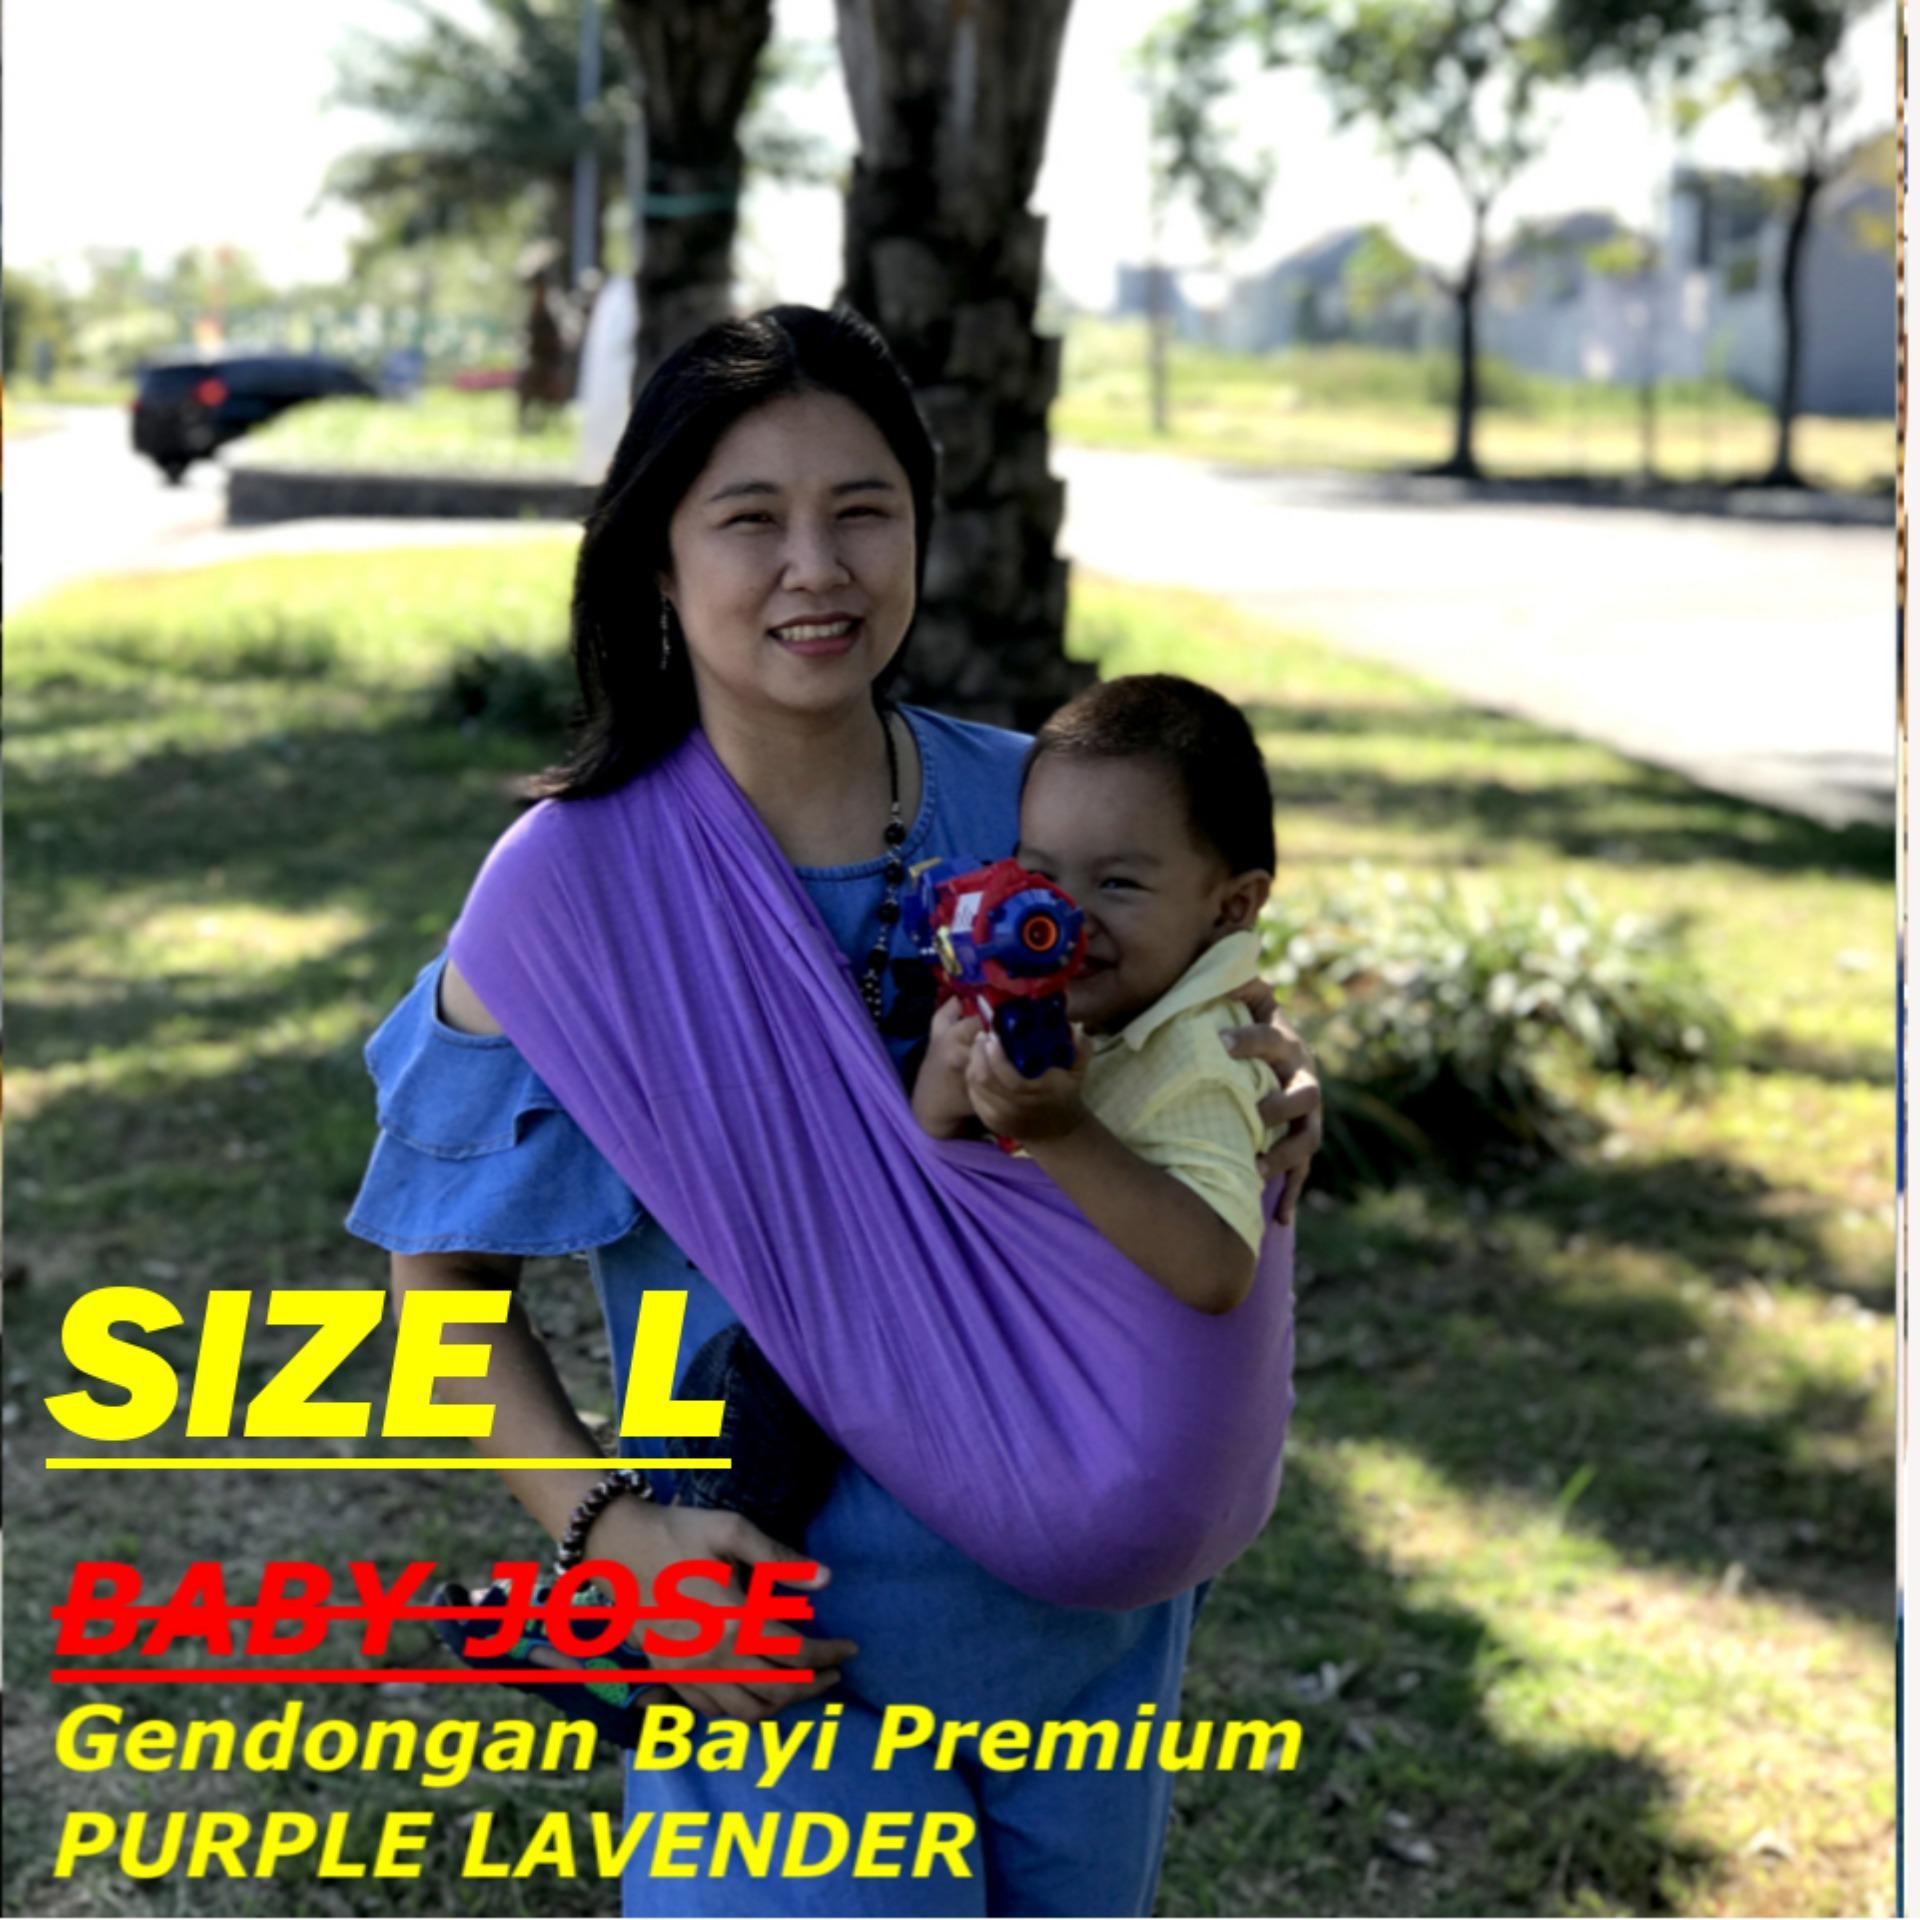 Review Baby Jose Gendongan Bayi Kaos Ukuran L Geos Selendang Bayi Praktis Mode Di Indonesia